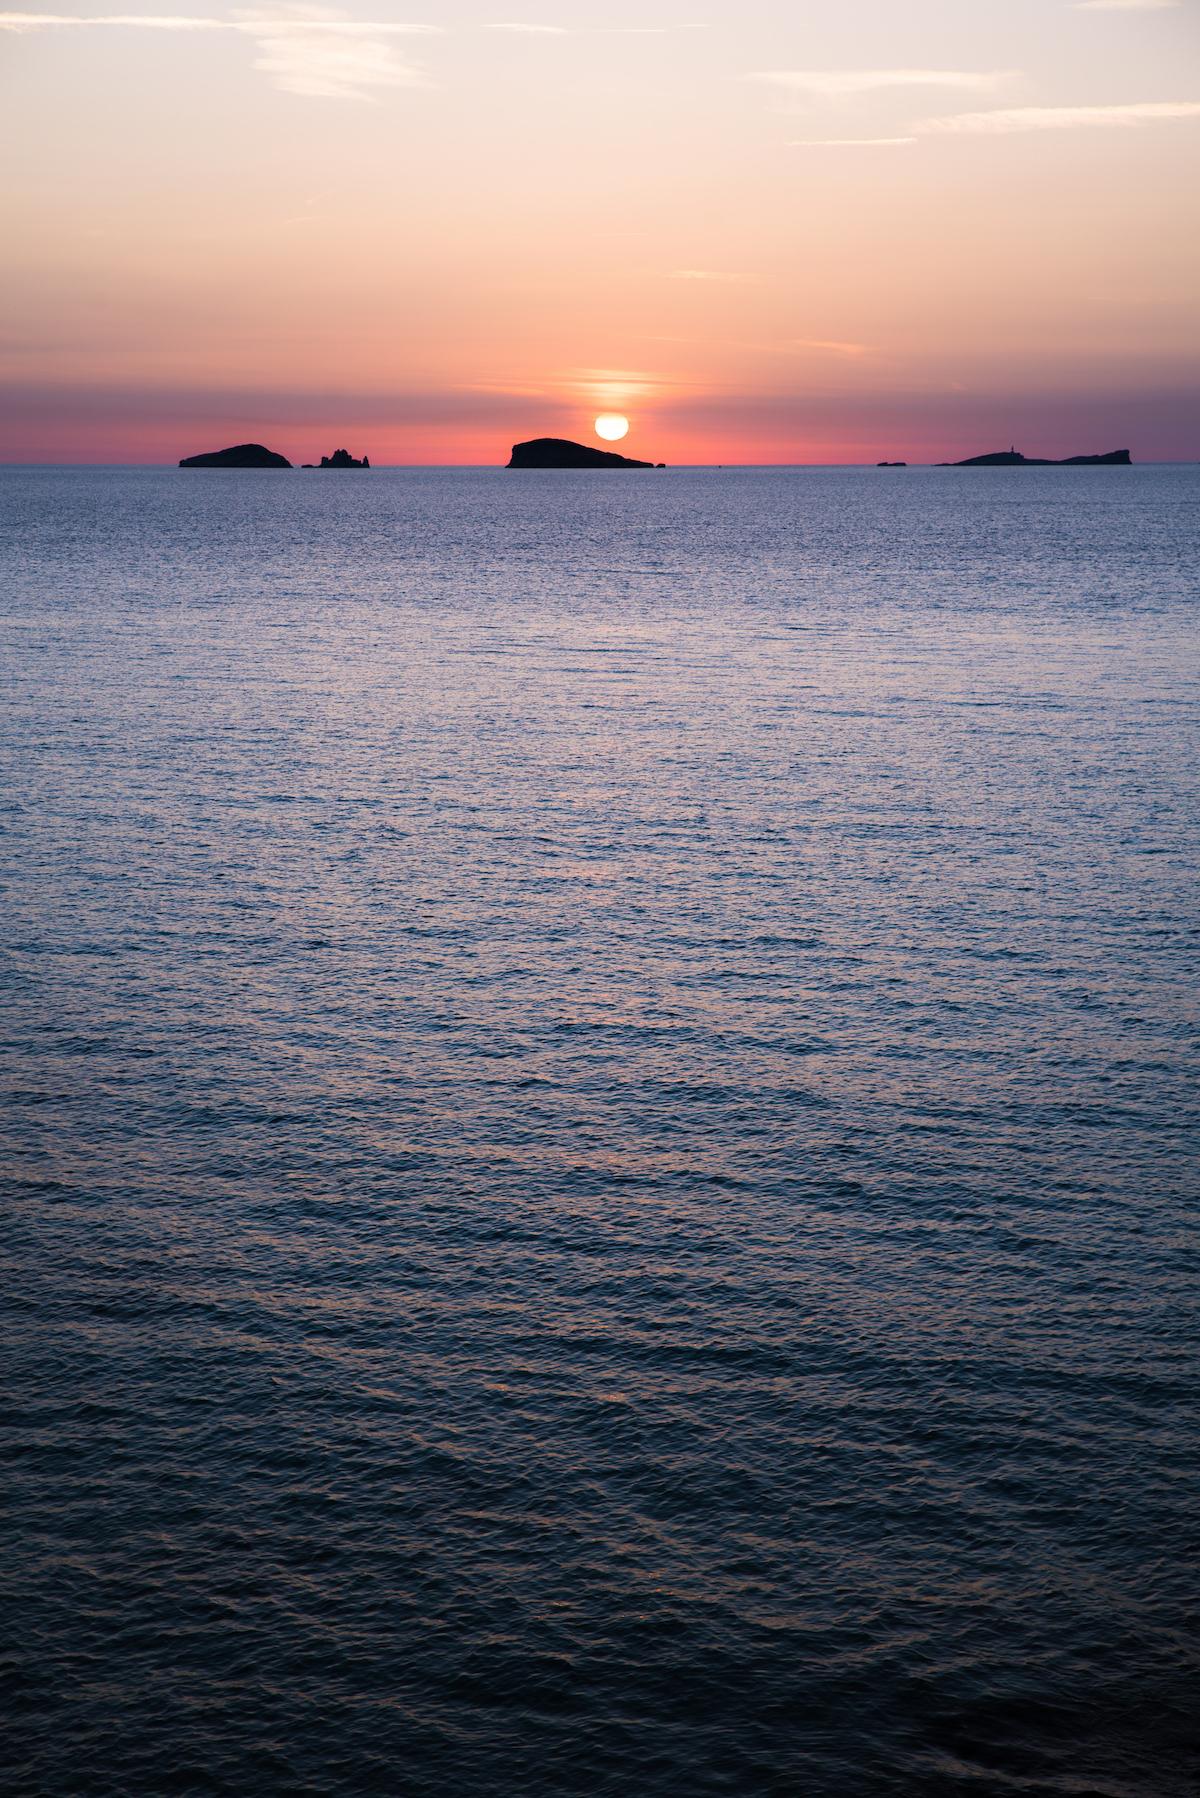 Sunset at Cala Comte, Ibiza - by Ben Holbrook